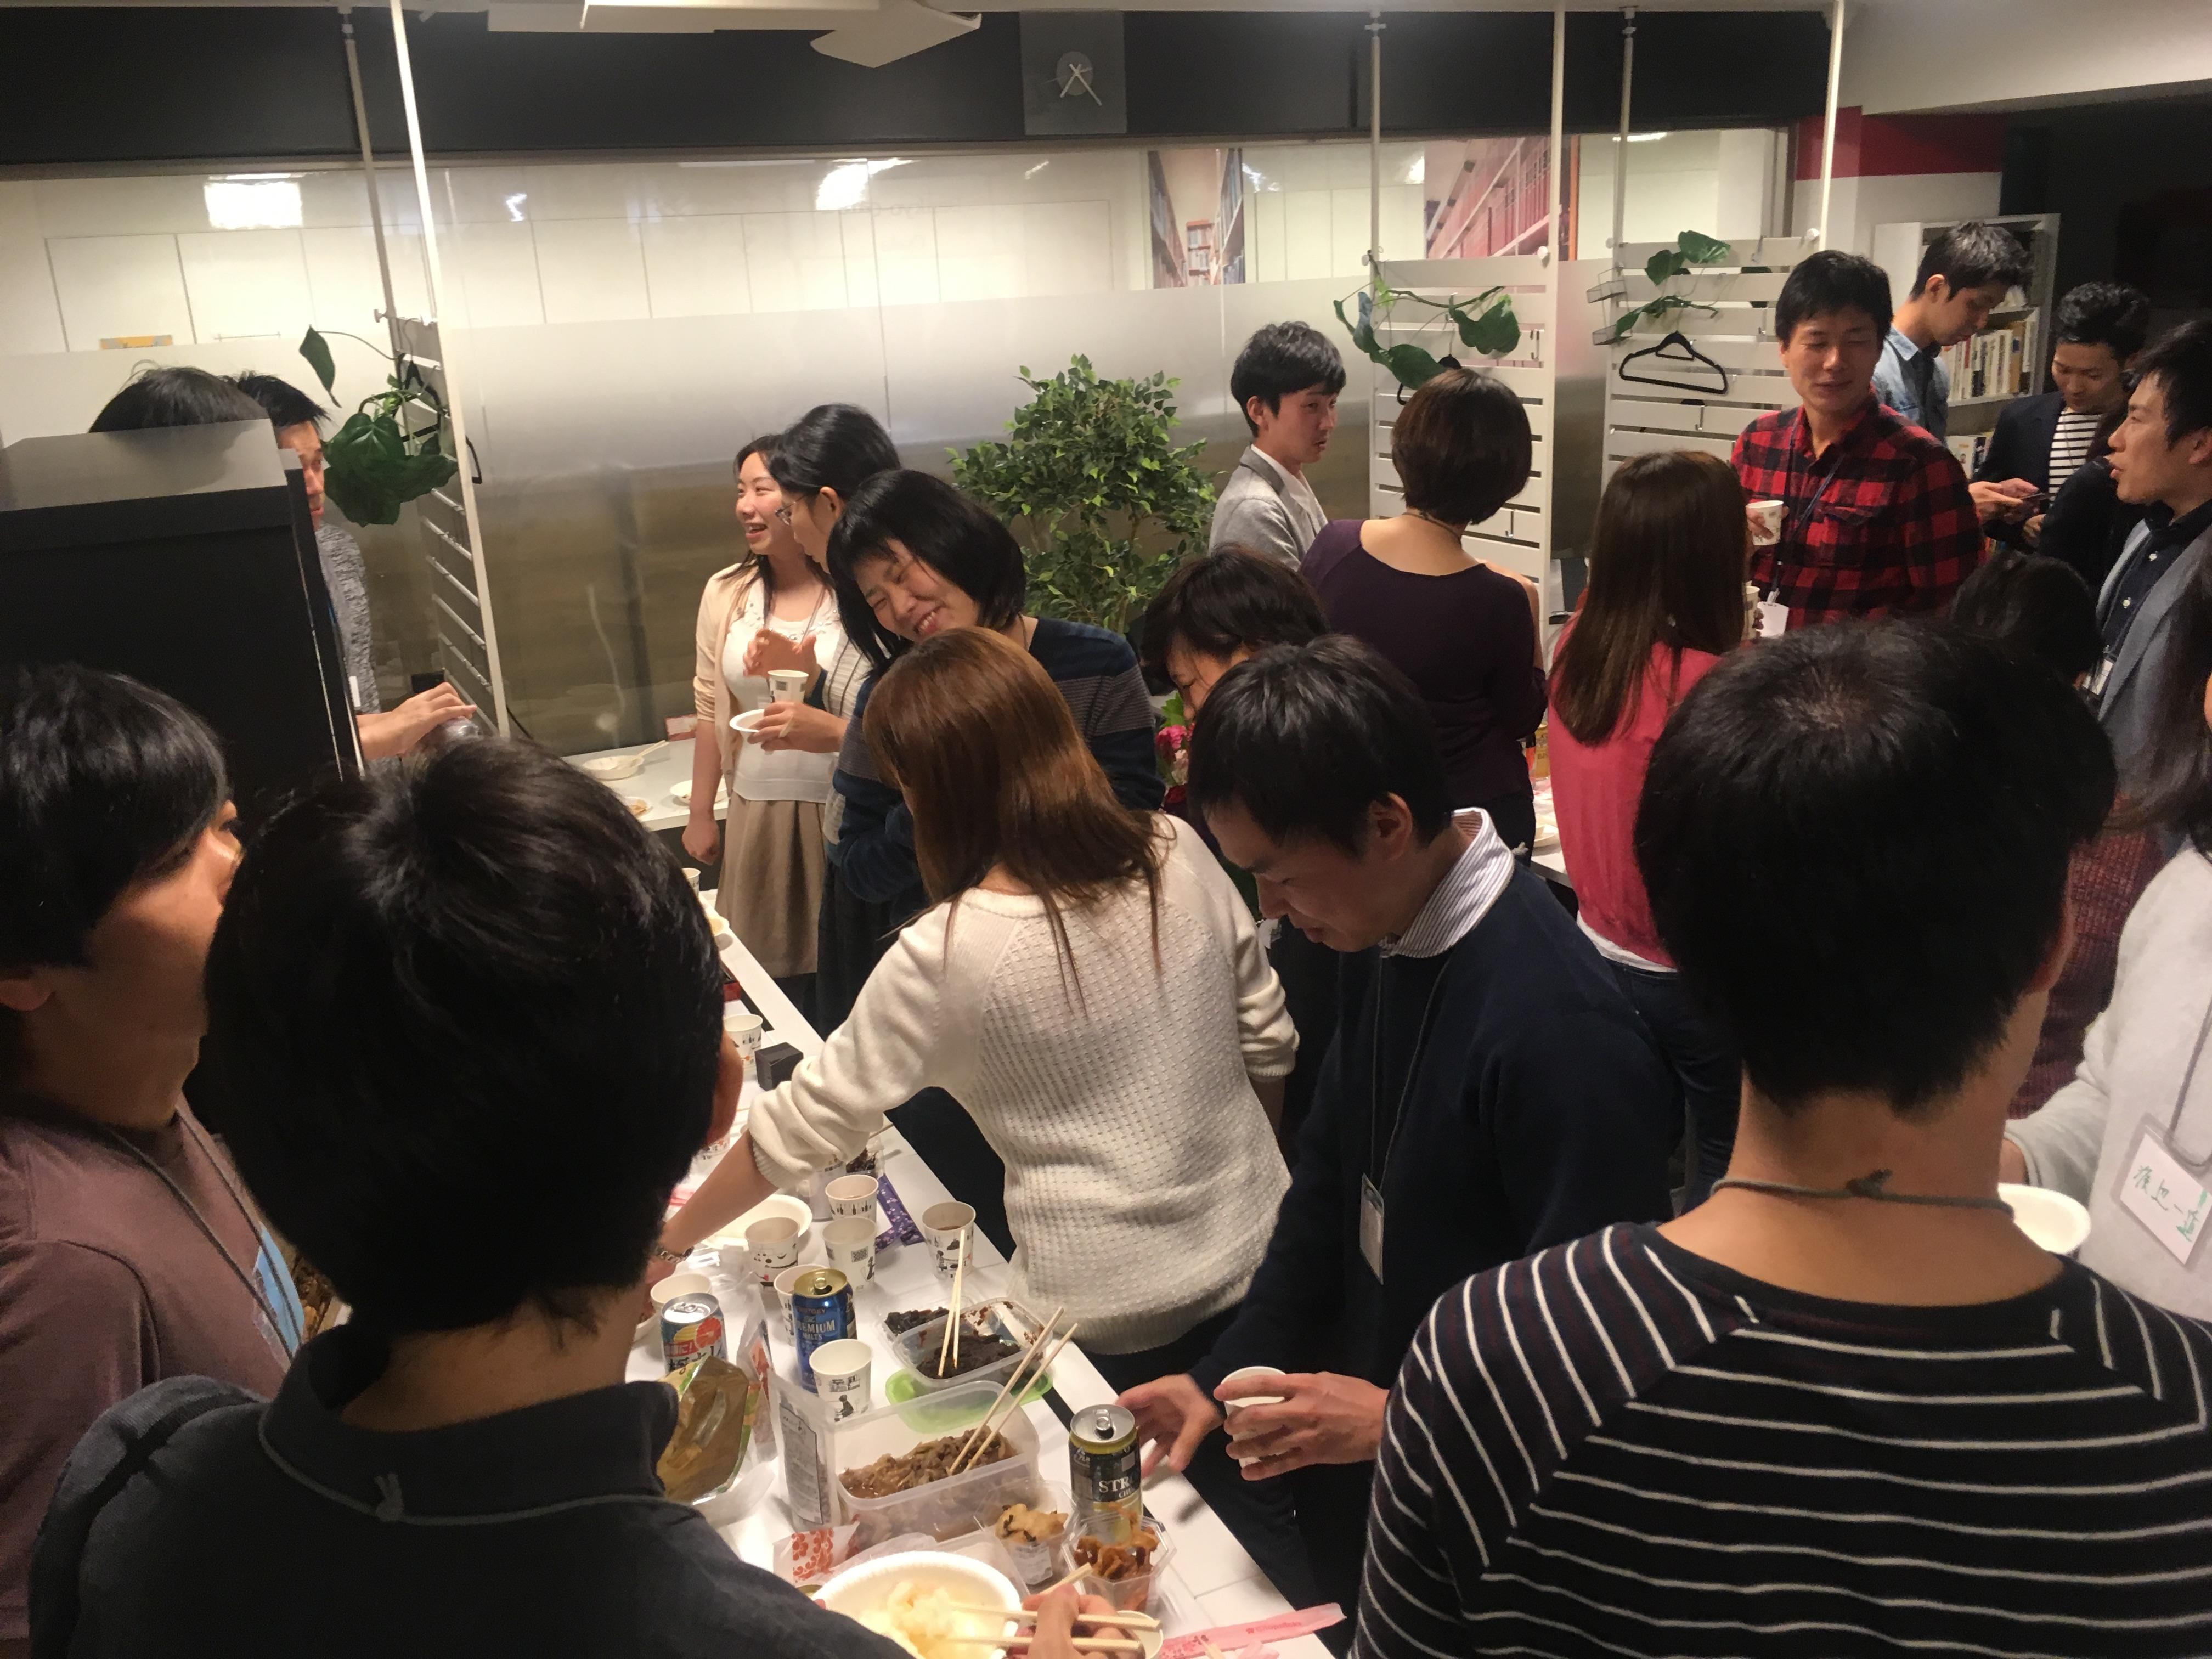 2019年3月31日(日)平成最後のメンバーズ懇親会@勉強カフェ大阪本町